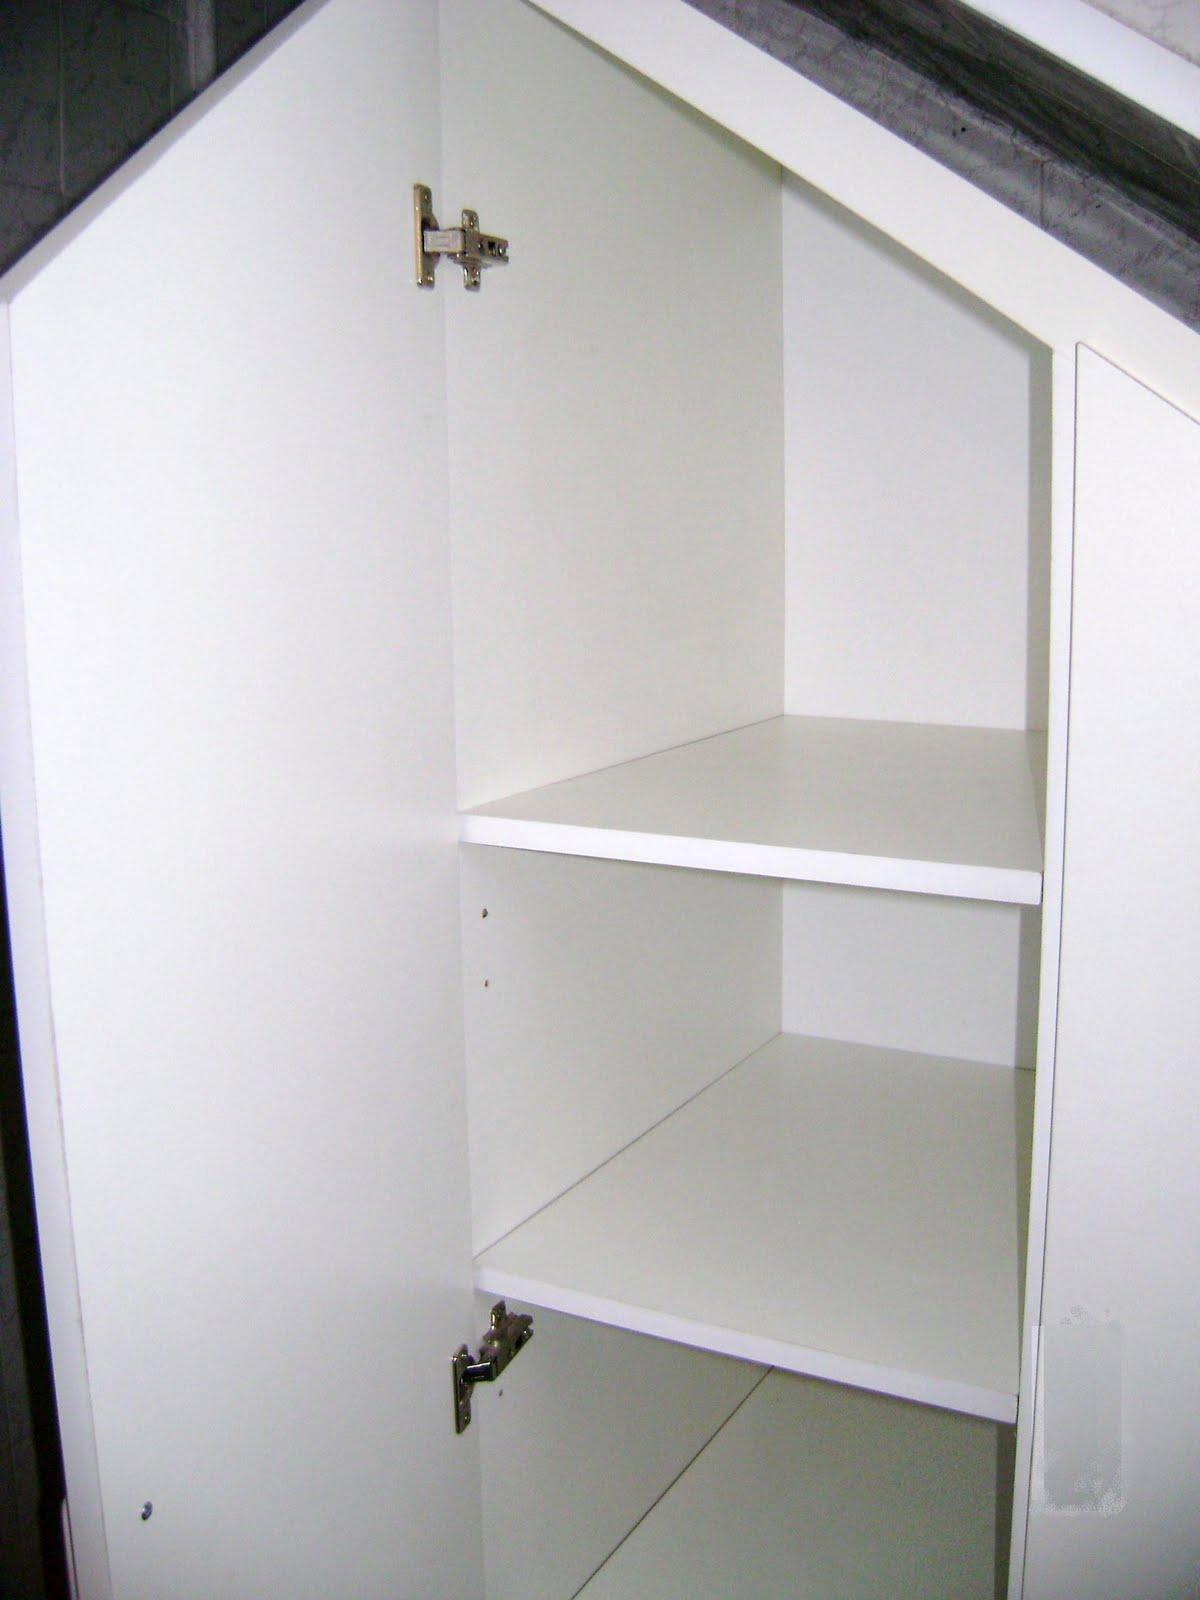 Muebles a medida decocarpinteria bajo escalera for Cama bajo escalera